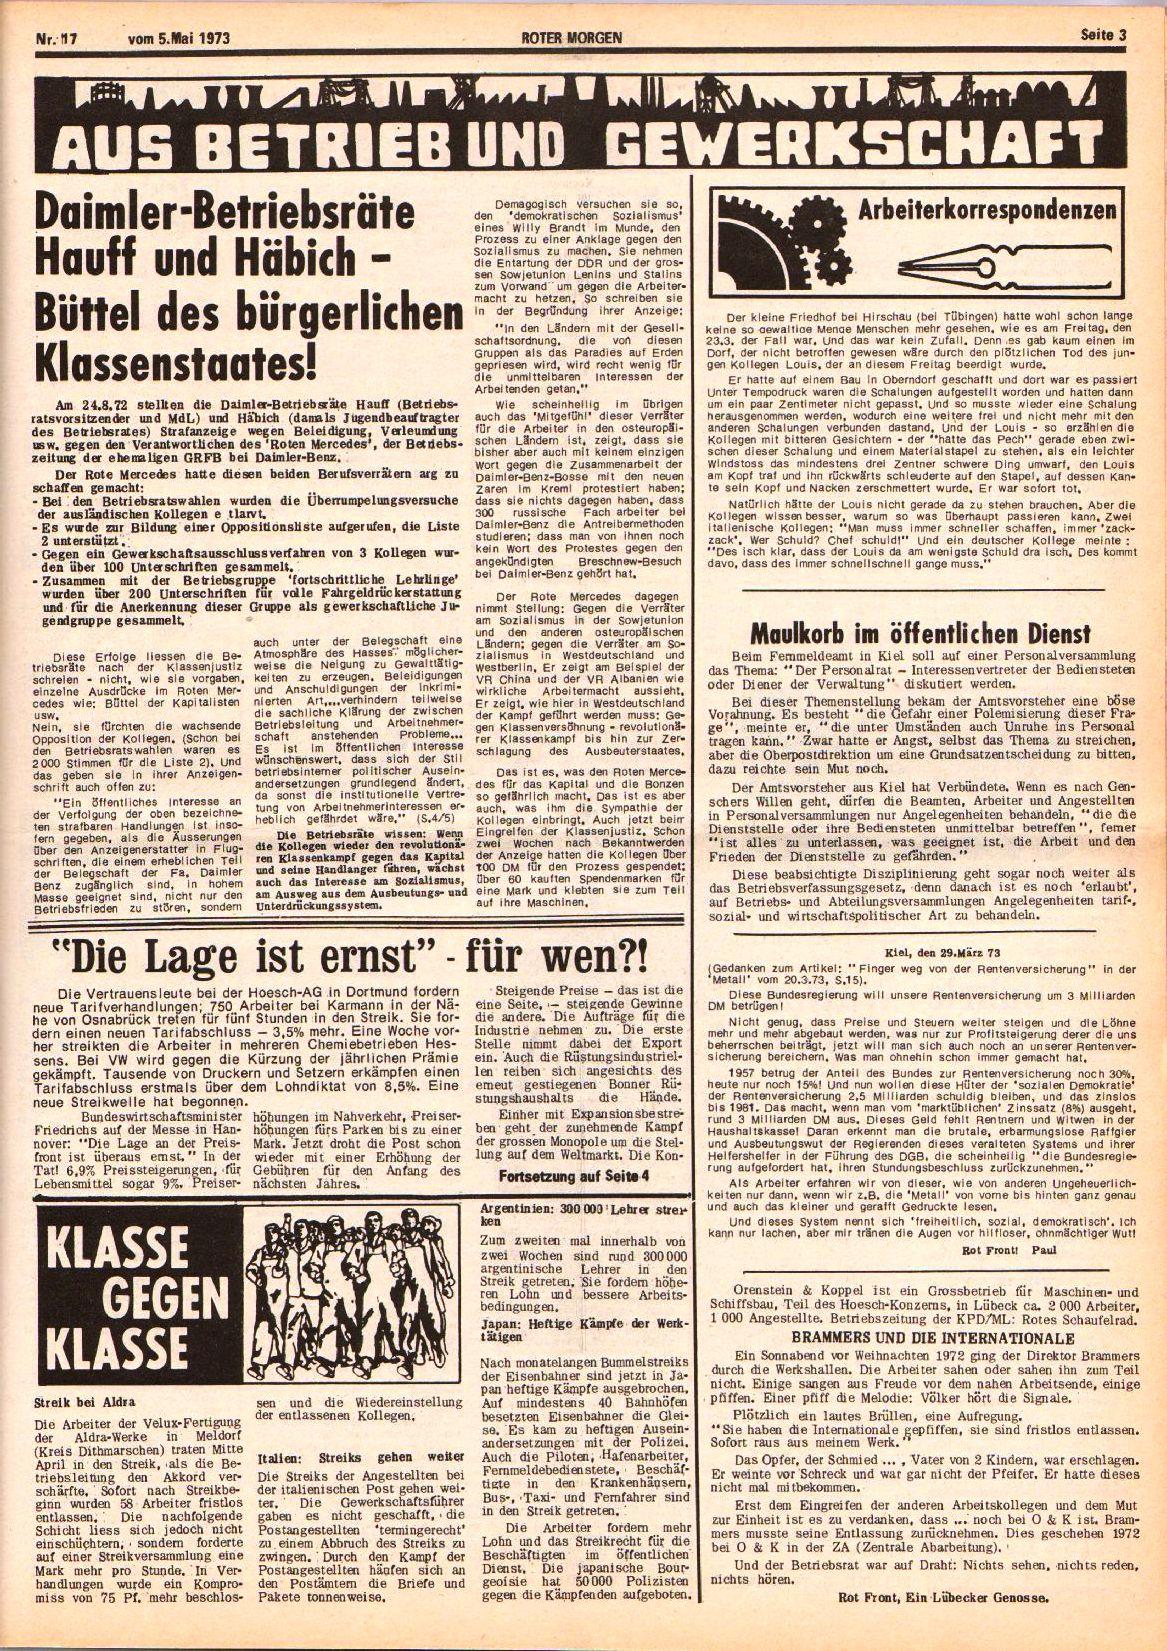 Roter Morgen, 7. Jg., 5. Mai 1973, Nr. 17, Seite 3